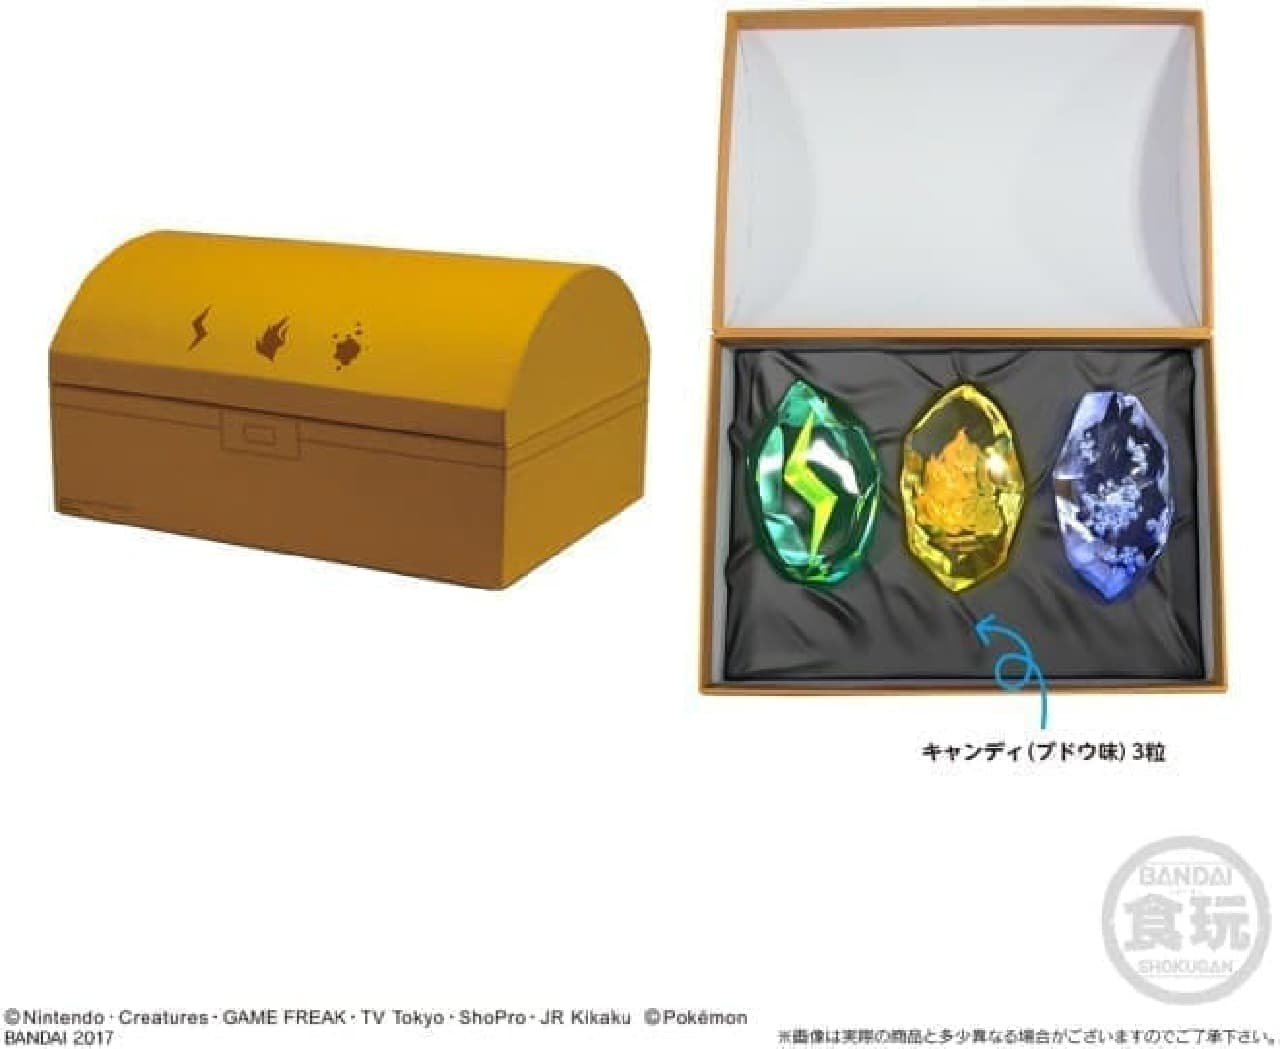 バンダイ「ポケットモンスター 進化のいし キャンディボックス」